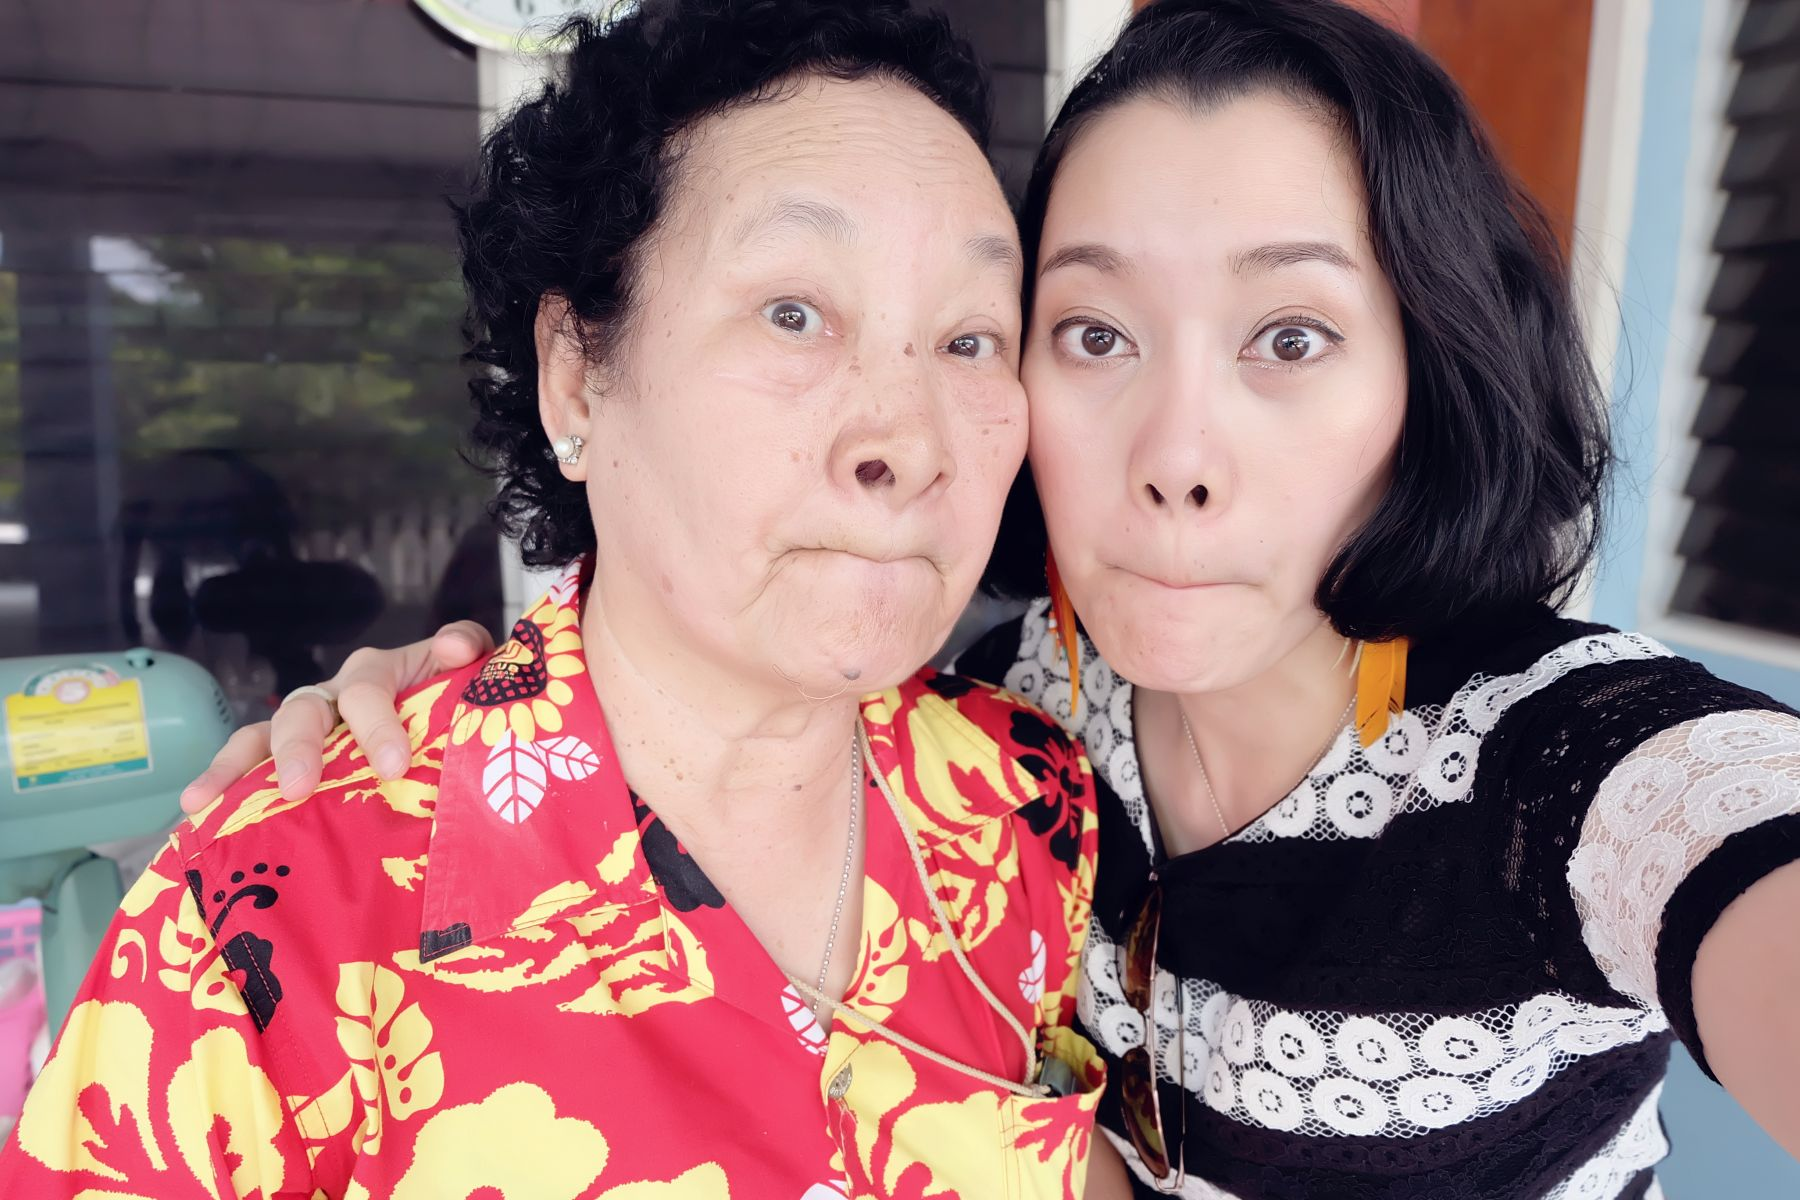 母親失去記憶...醫師卻無法診斷是不是失智症!女兒:分離,是隨時會發生的一種存在